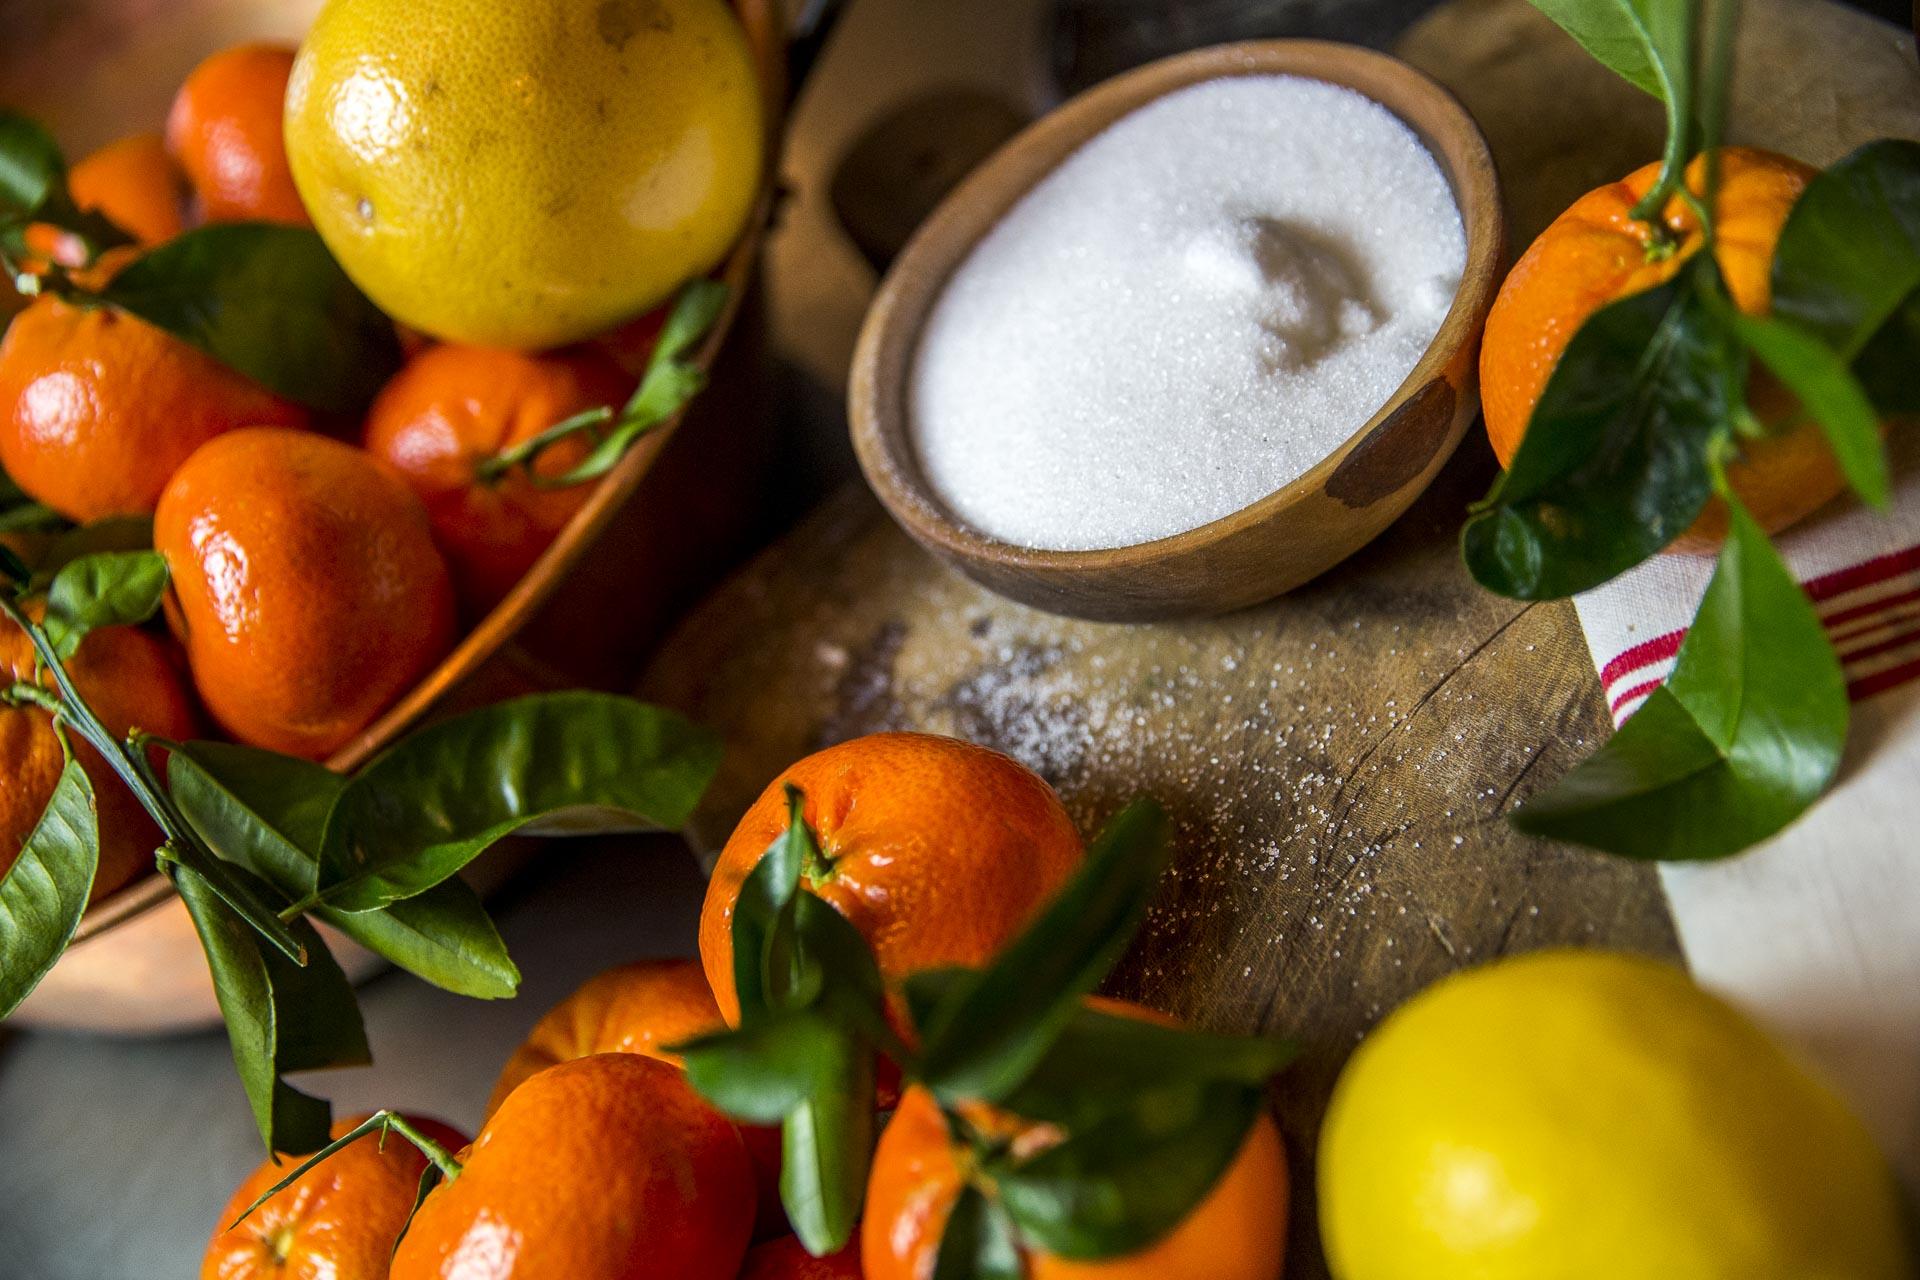 Les recettes - Marmelade d'agrumes